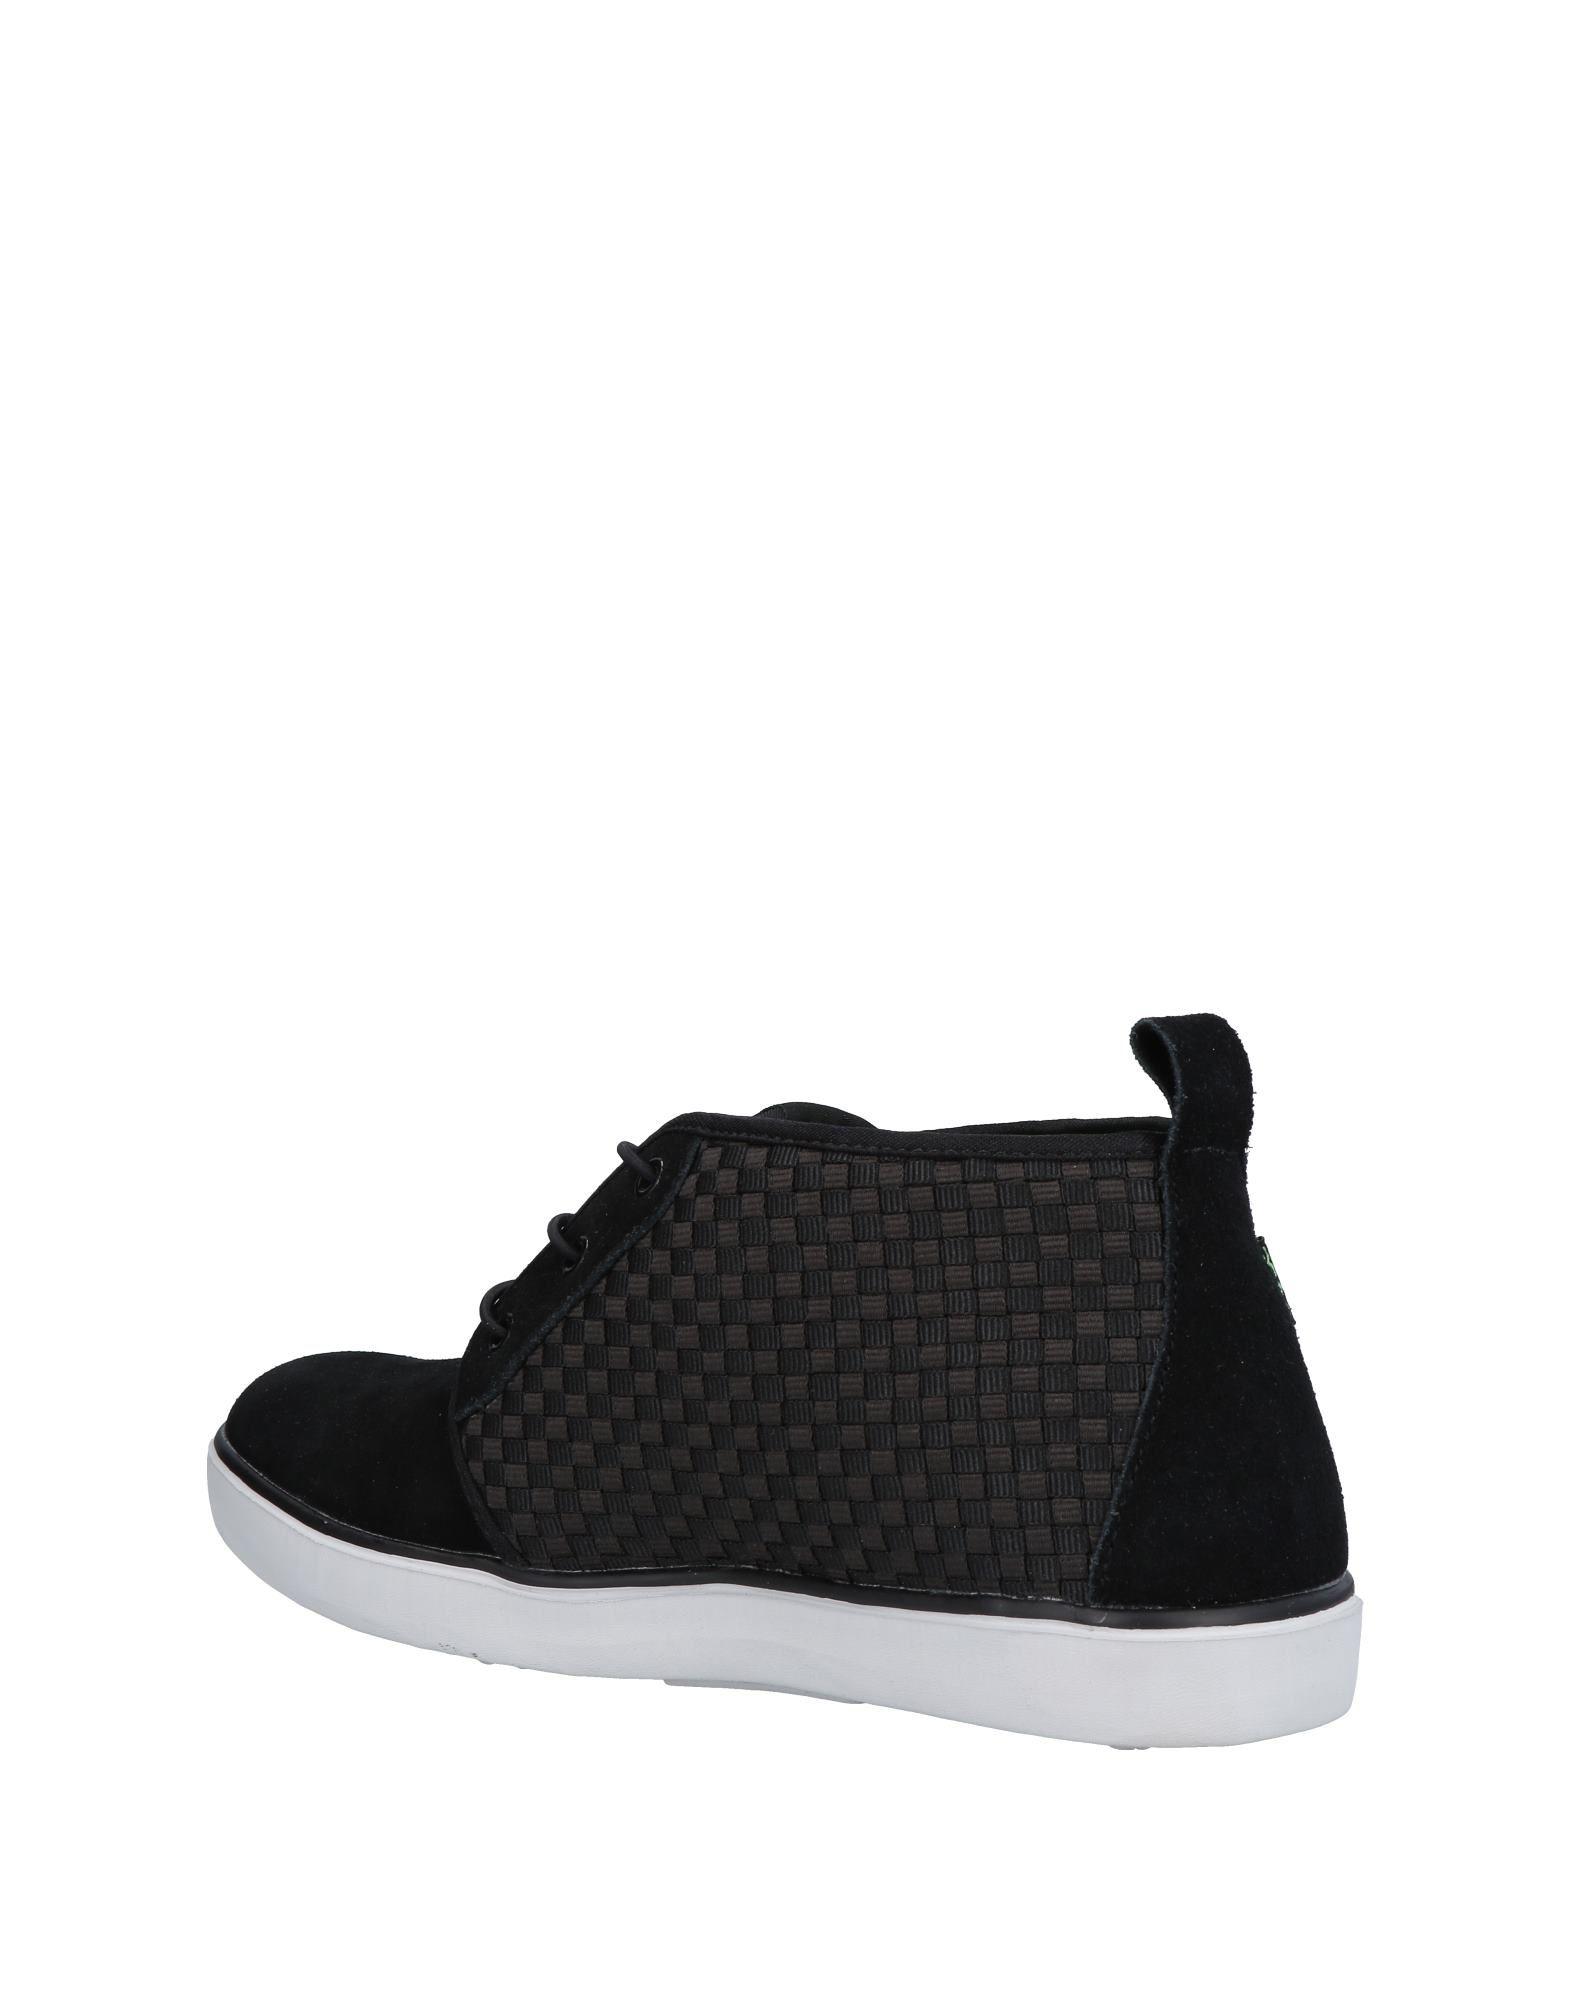 Rabatt Sneakers echte Schuhe Hey Dude Sneakers Rabatt Herren  11467030QB 733a6c